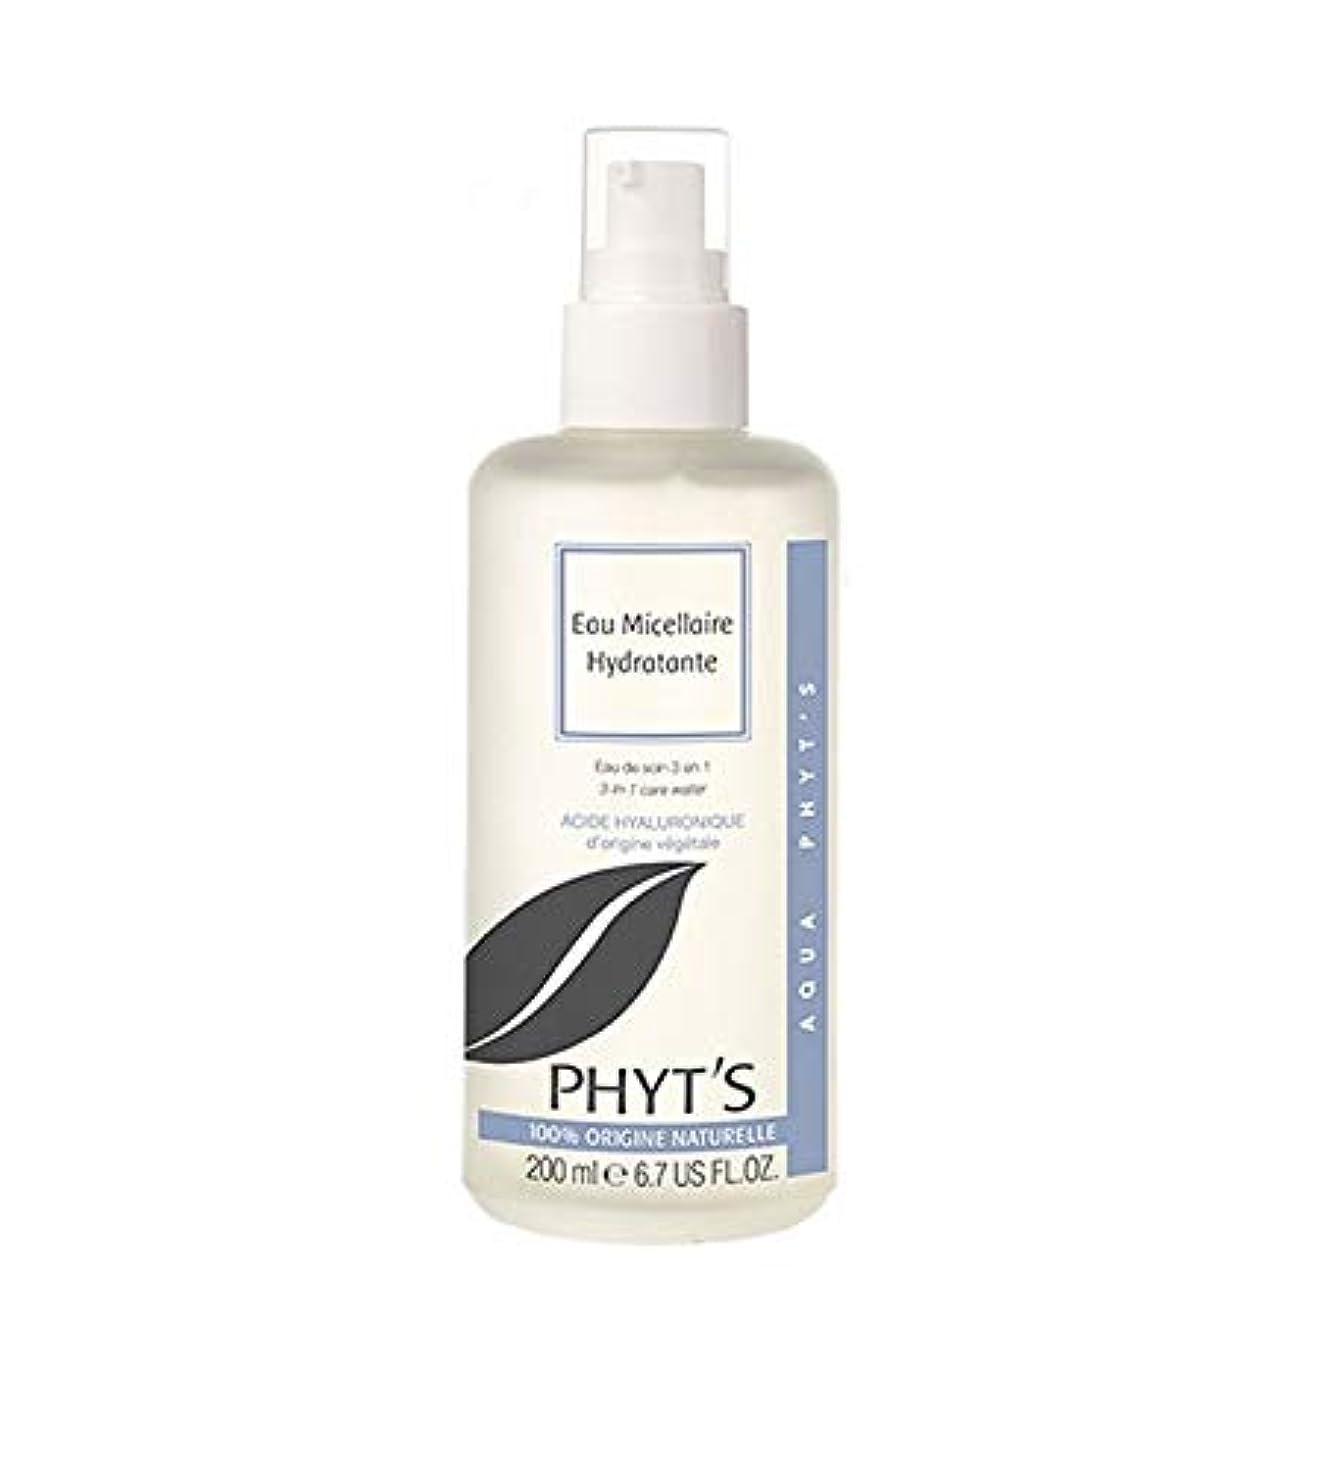 拍手する印象真向こうフィッツ PHYT'S ヒアルロン酸配合 ダマスクローズ水配合 オーガニック化粧水 ミセルローション 200ml